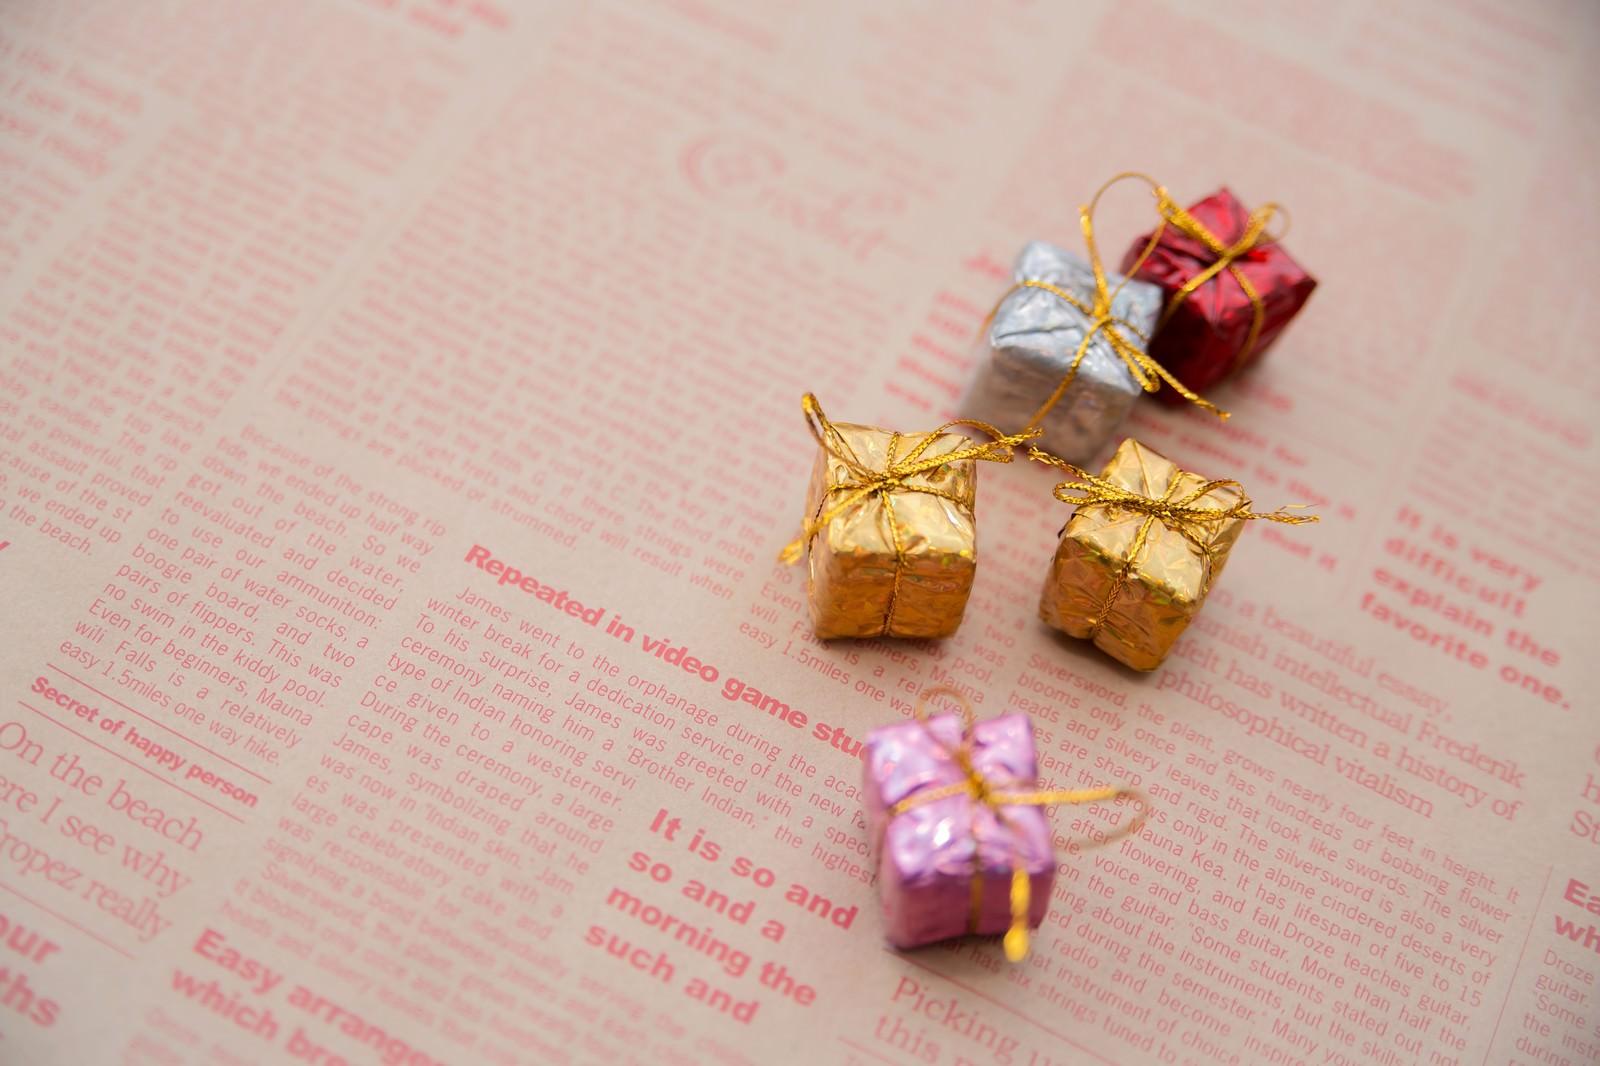 「英語のプレゼント | 写真の無料素材・フリー素材 - ぱくたそ」の写真